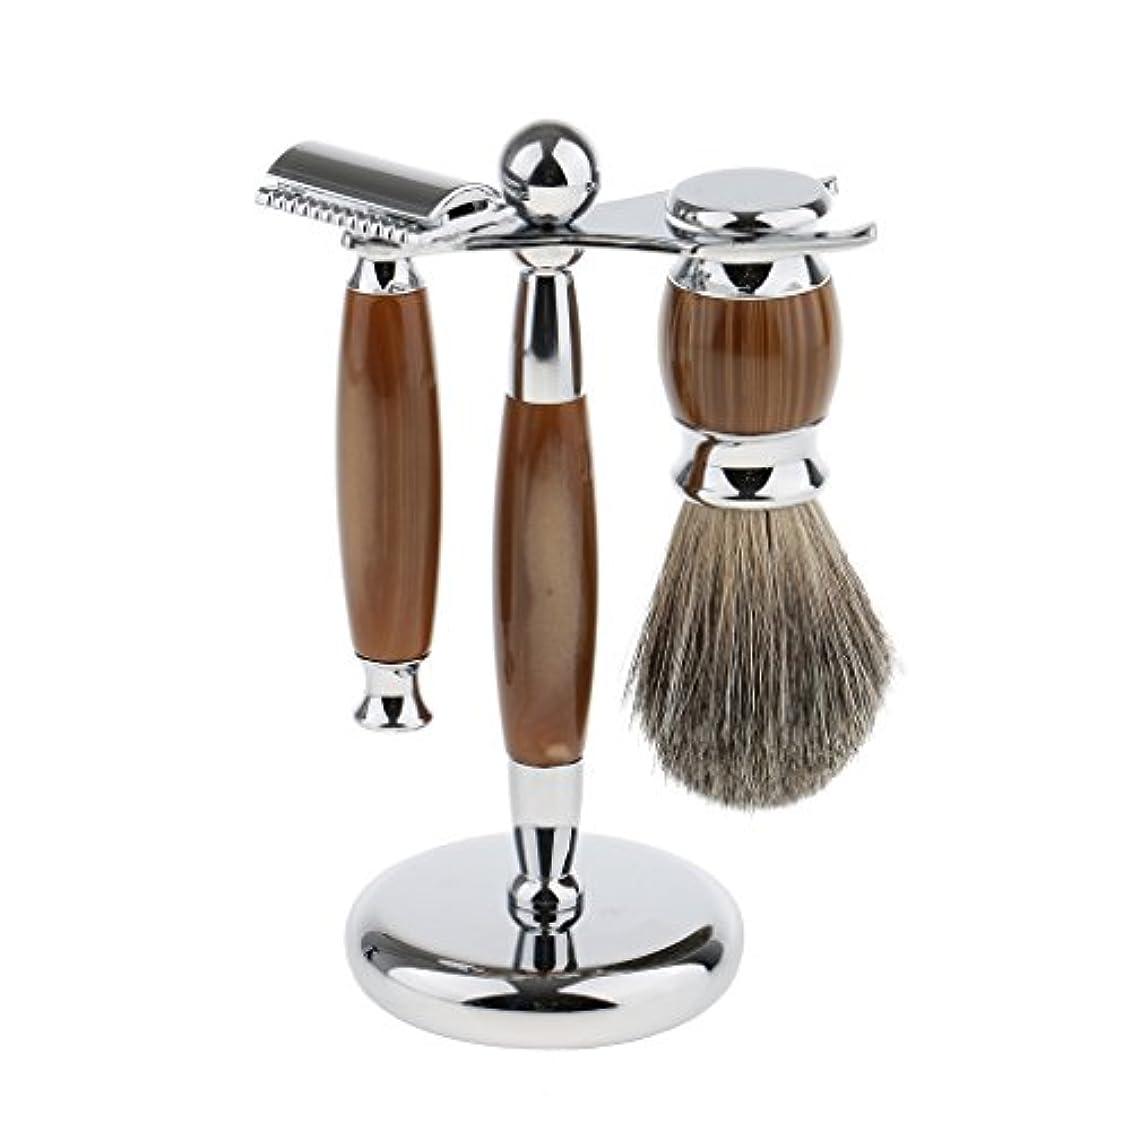 見える思い出させる変化するBaoblaze 3点入り シェービング スタンド ブラシ マニュアル ダブルエッジ 髭剃り メイク レトロ プレゼント 3色選べ - タイプ3